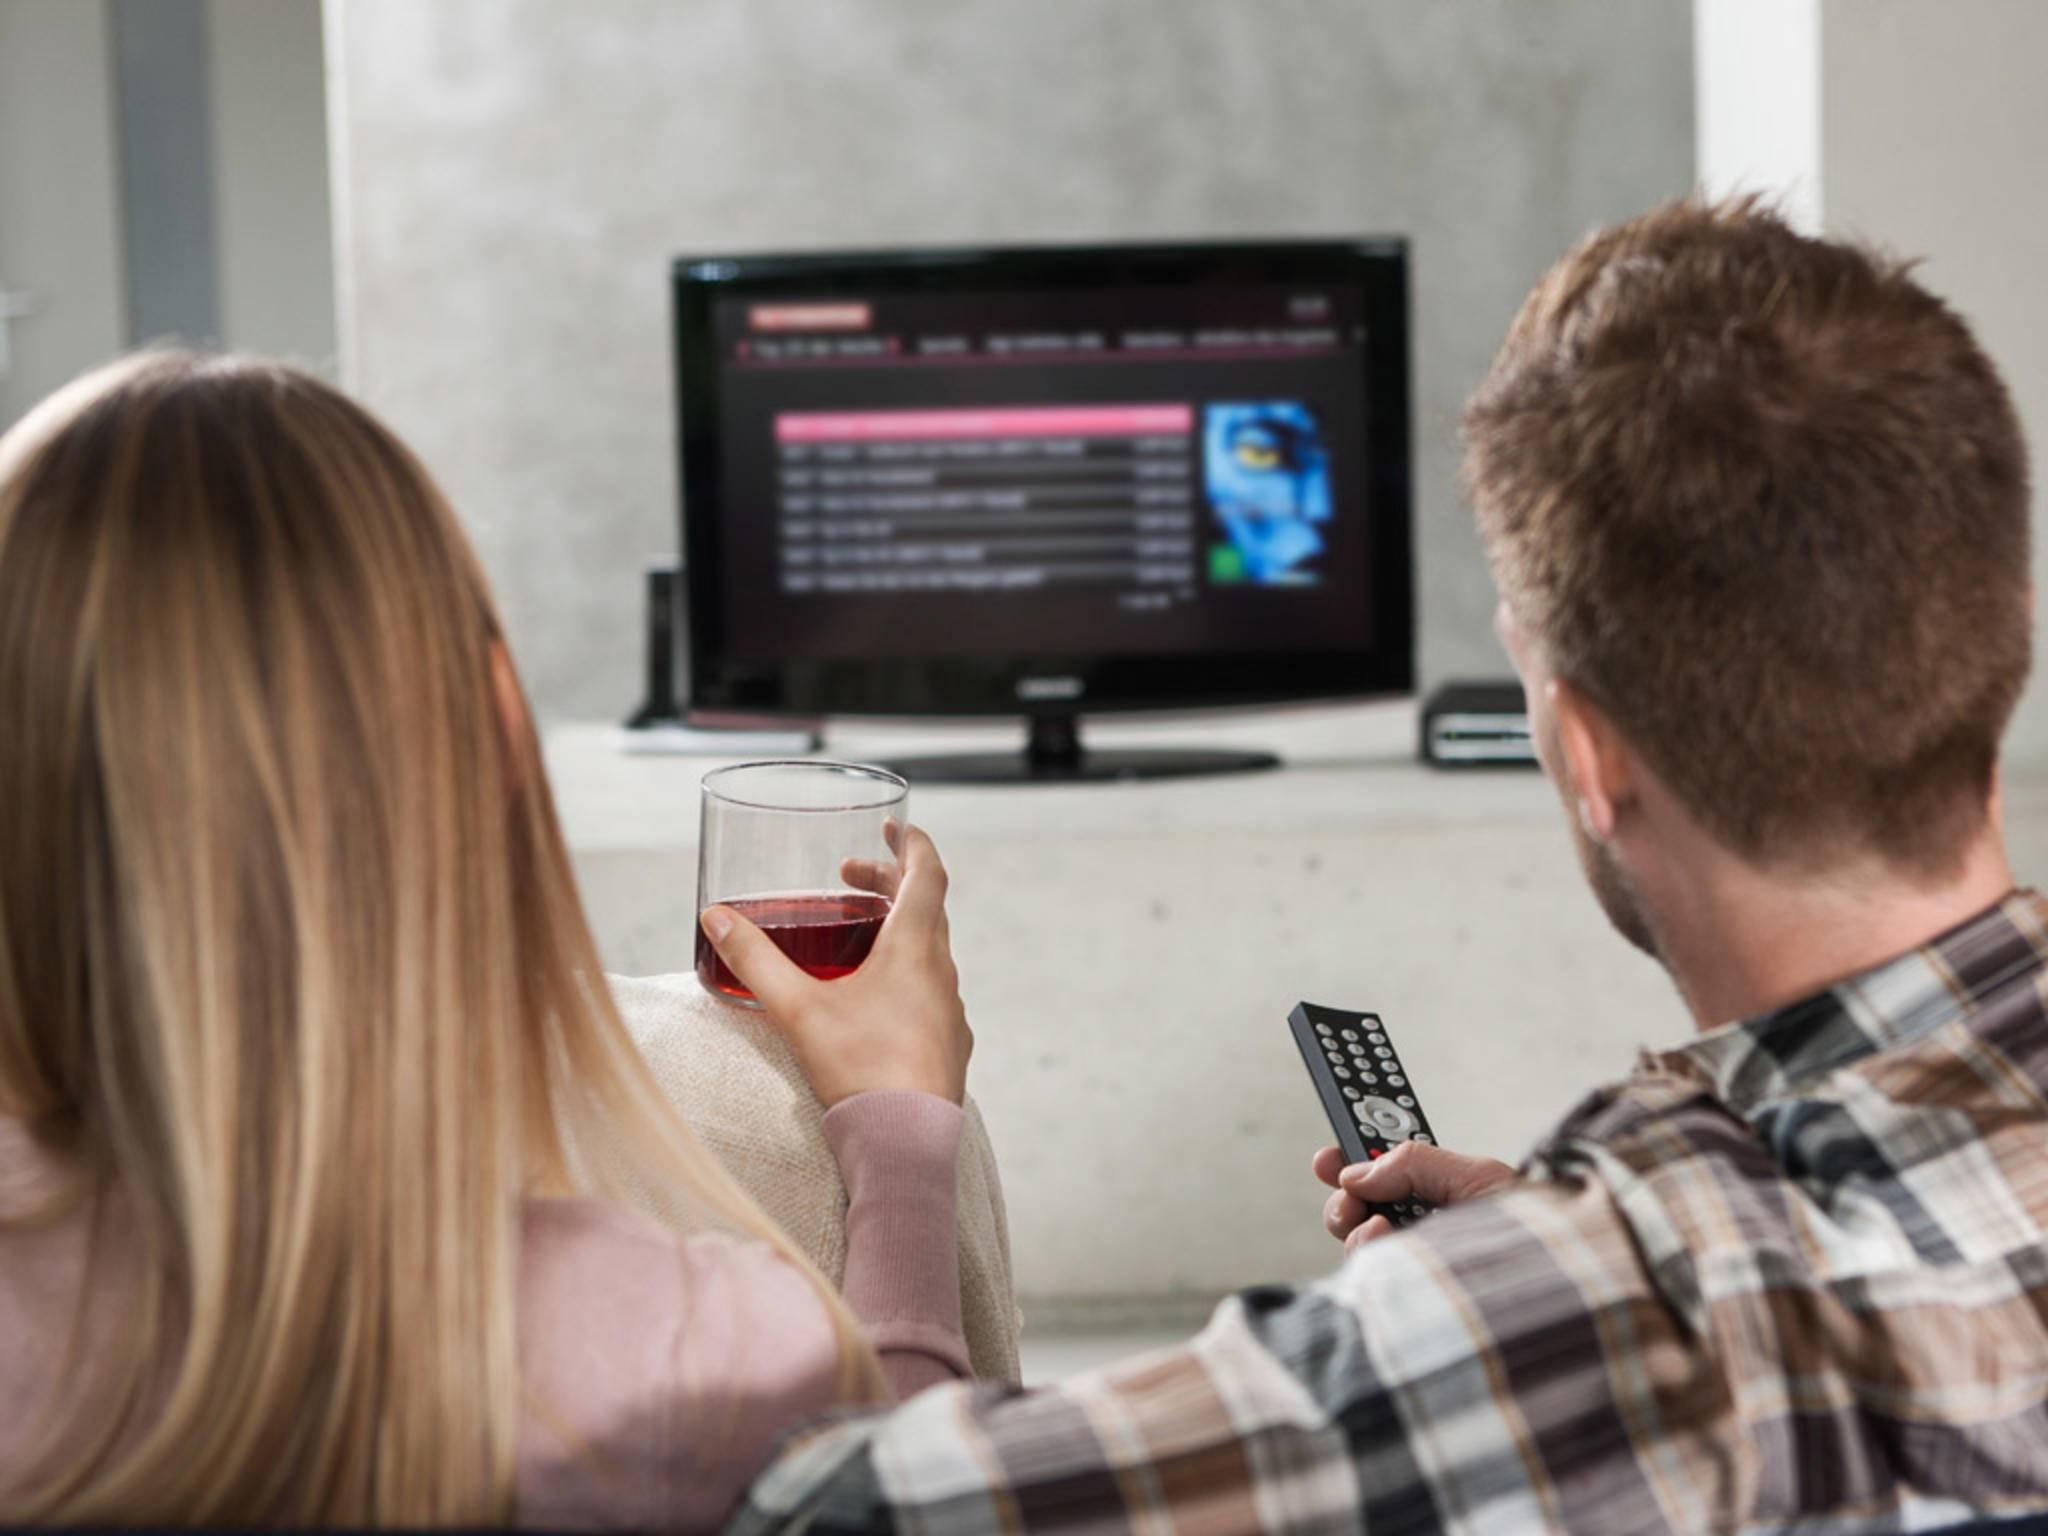 Wer per IPTV oder Live-Stream schaut, muss sich am längsten mit dem Torjubel gedulden.